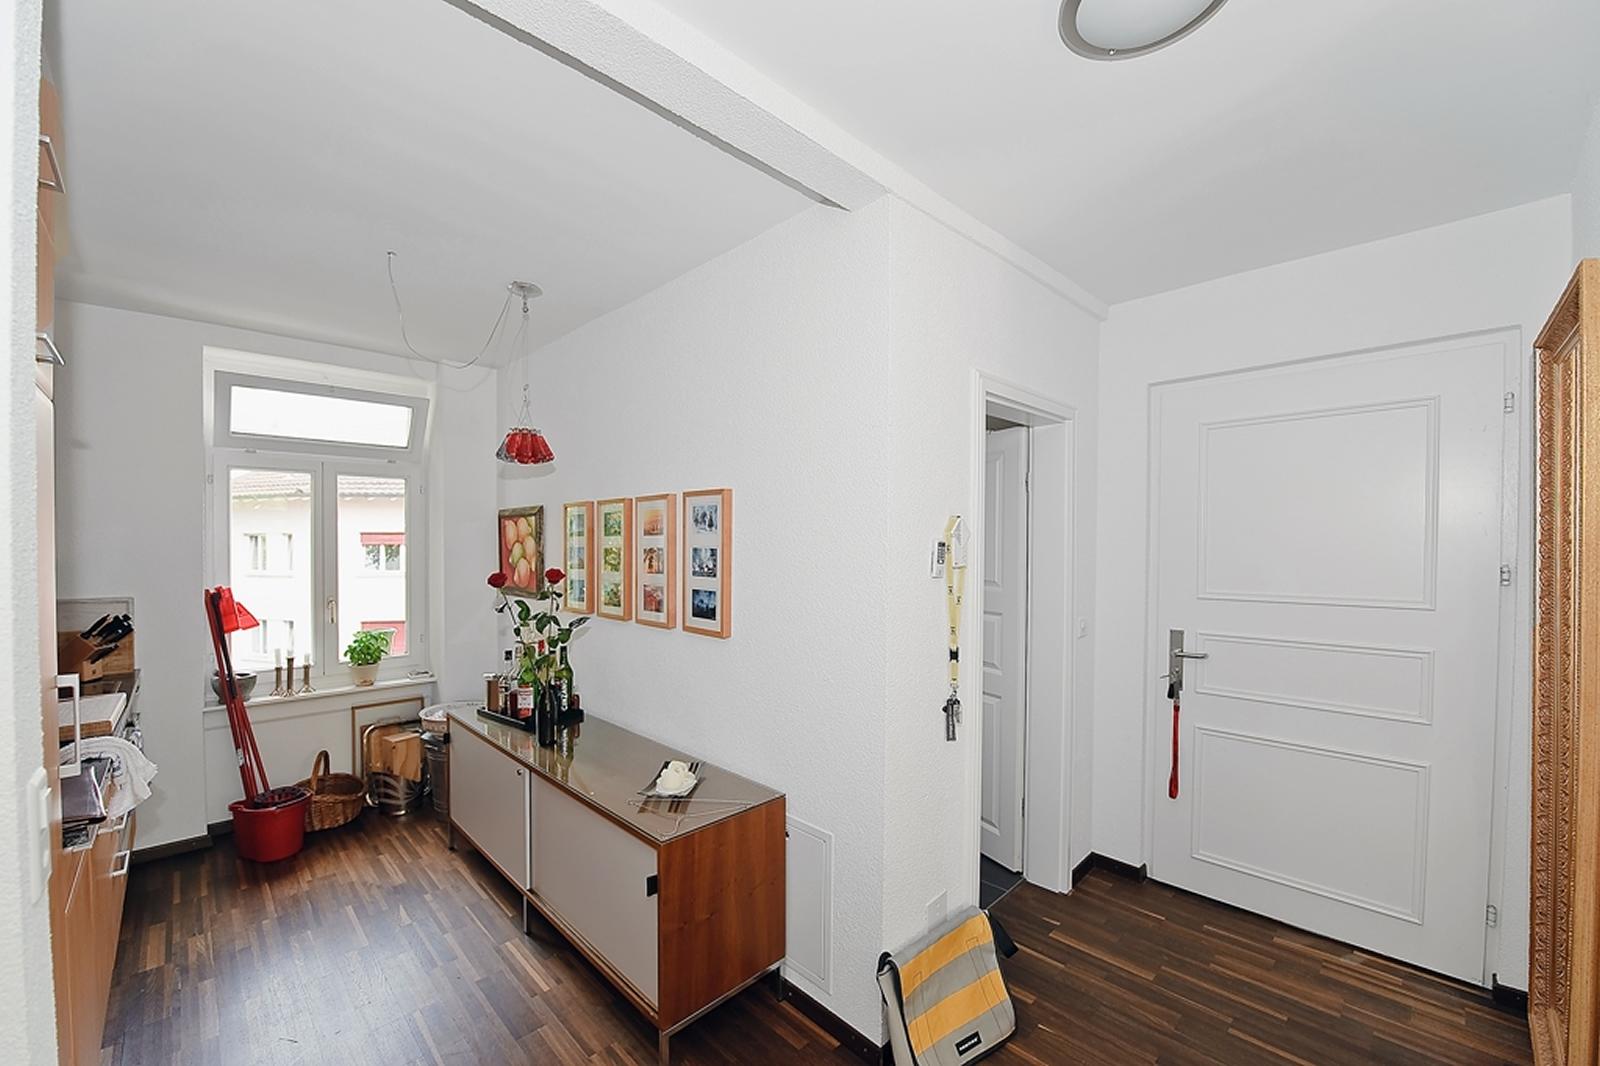 02 Interior Speerstrasse - 001